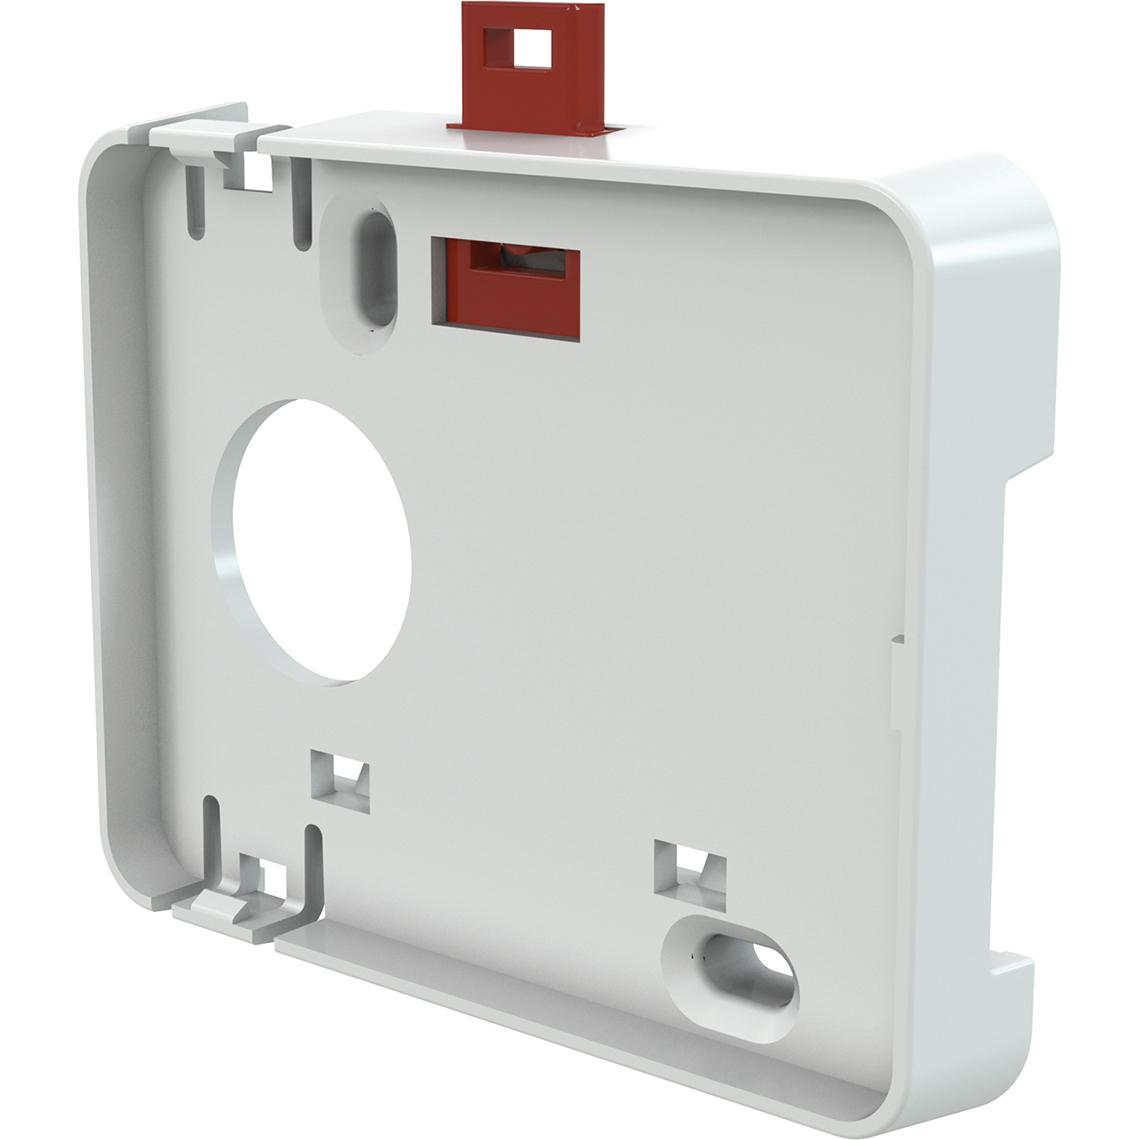 Montagesockel USE-M Gehäuse reinweiß Produktbild